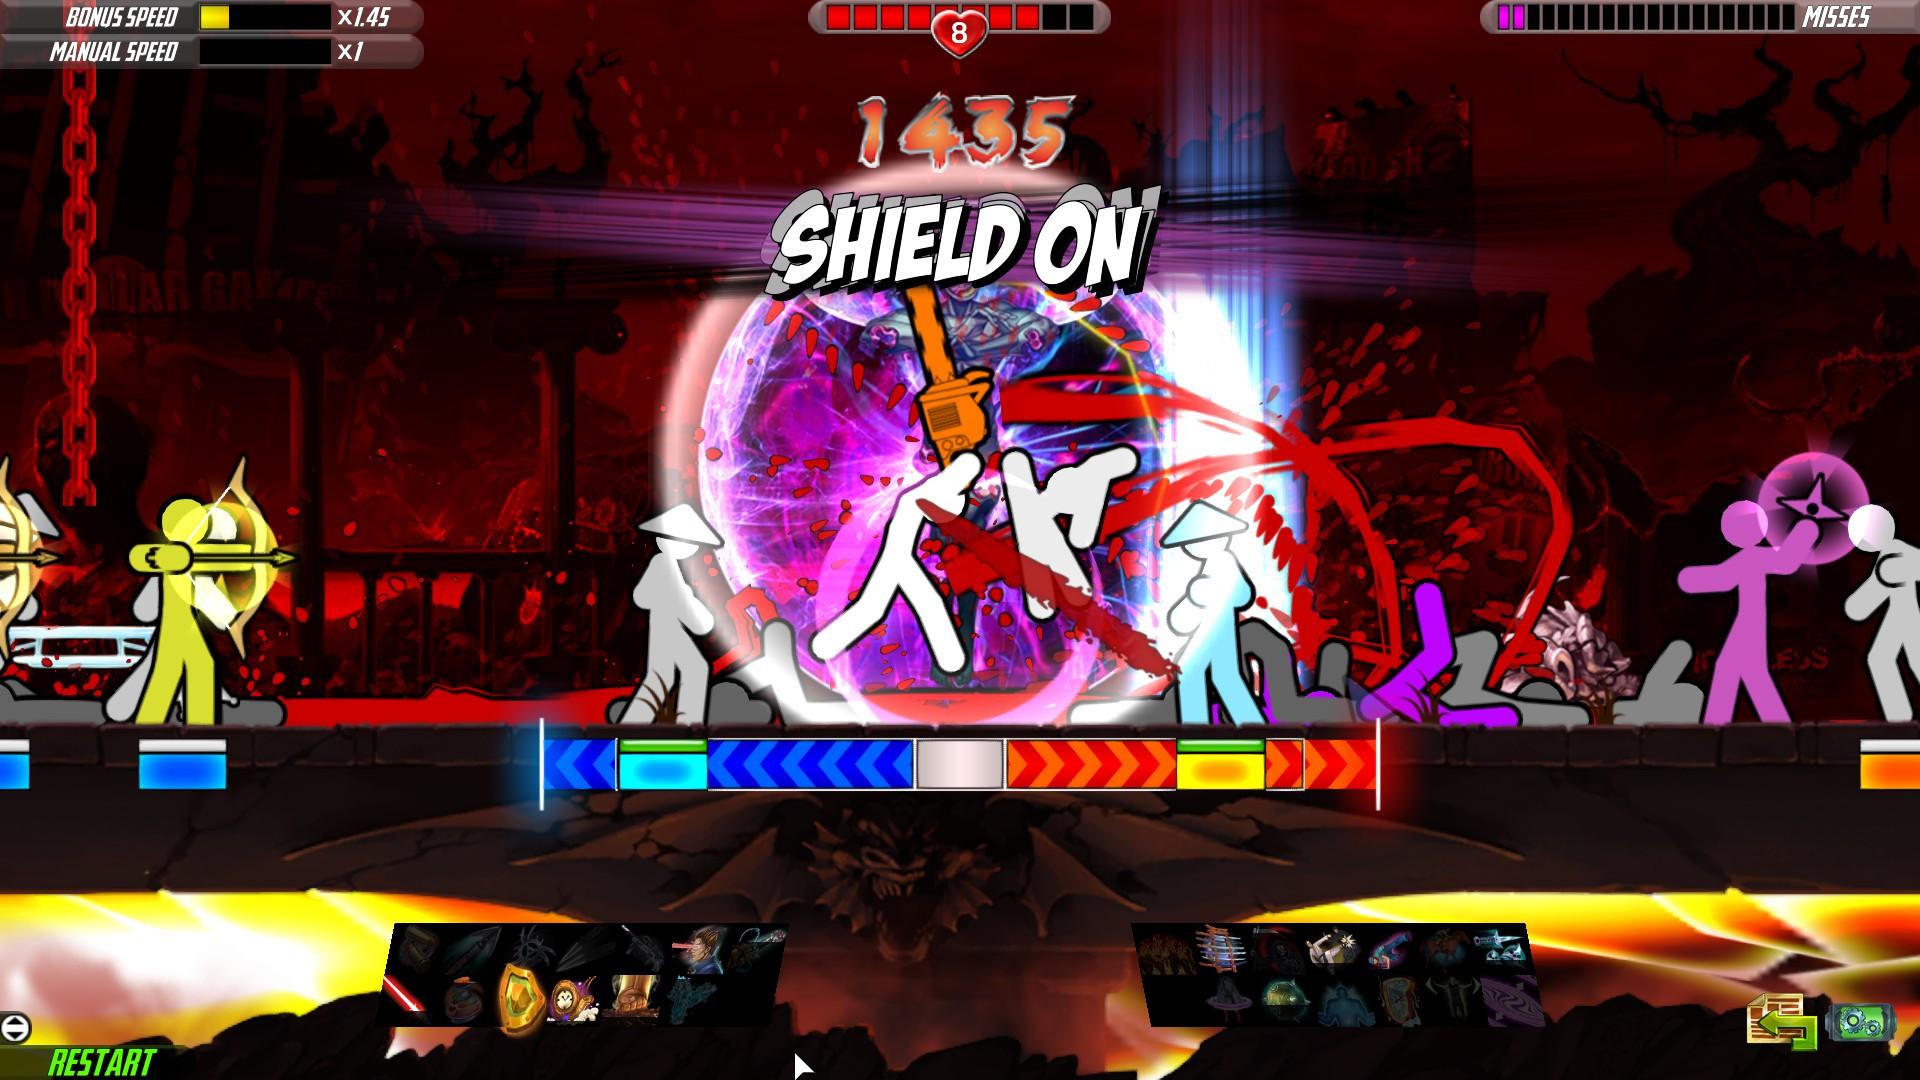 نقد و بررسی بازی One Finger Death Punch 2